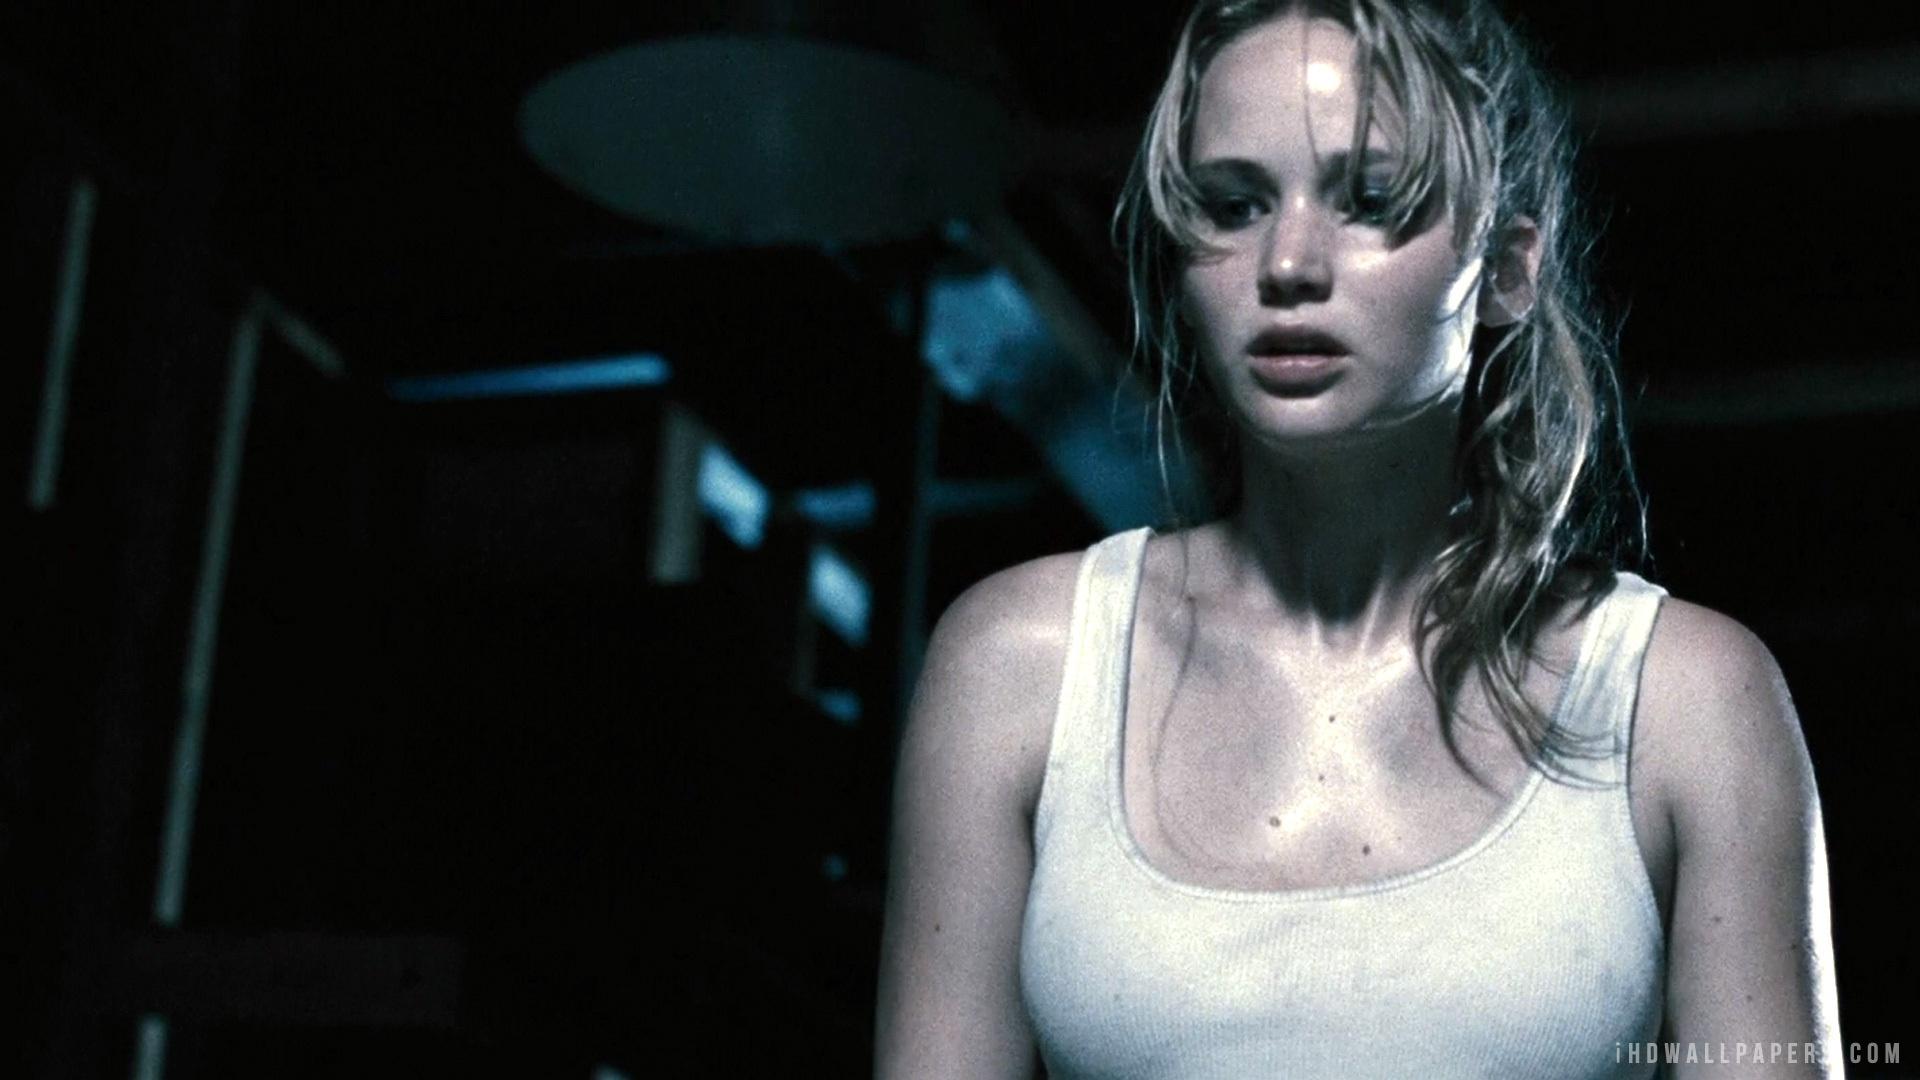 Jennifer Lawrence Horror Movie HD Wallpaper   iHD Wallpapers 1920x1080